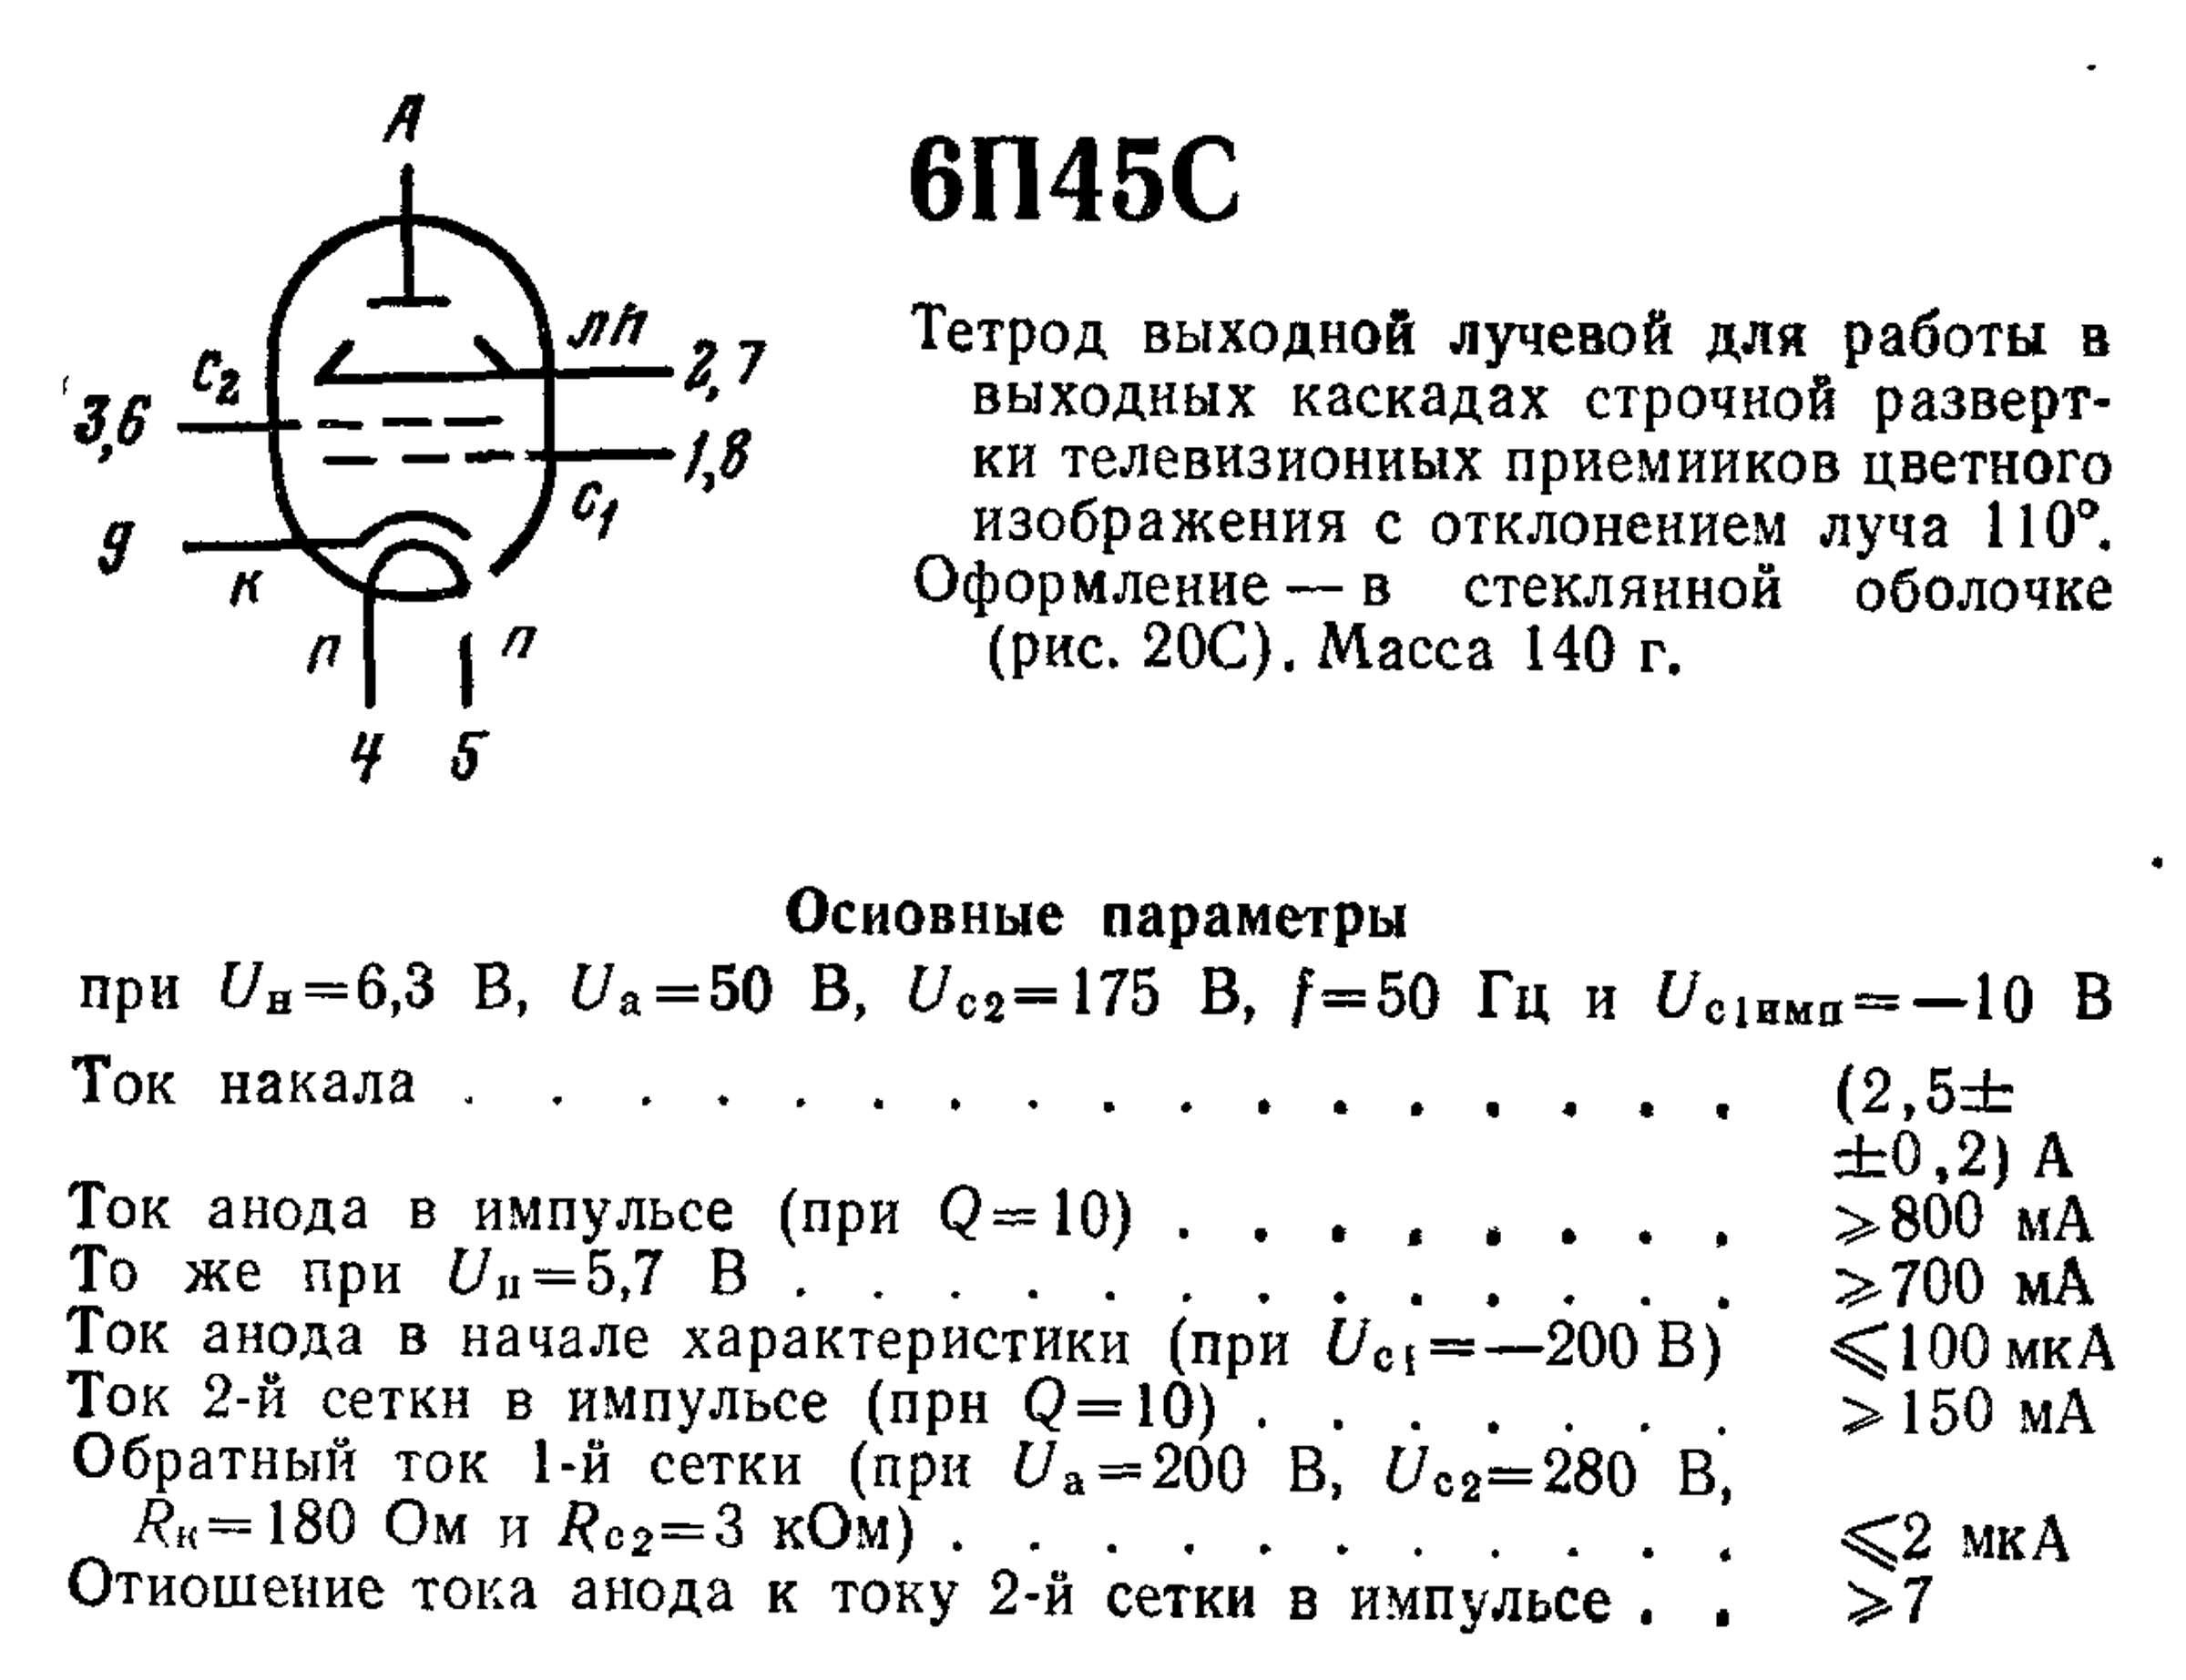 Параметры радиолампы 6П45С